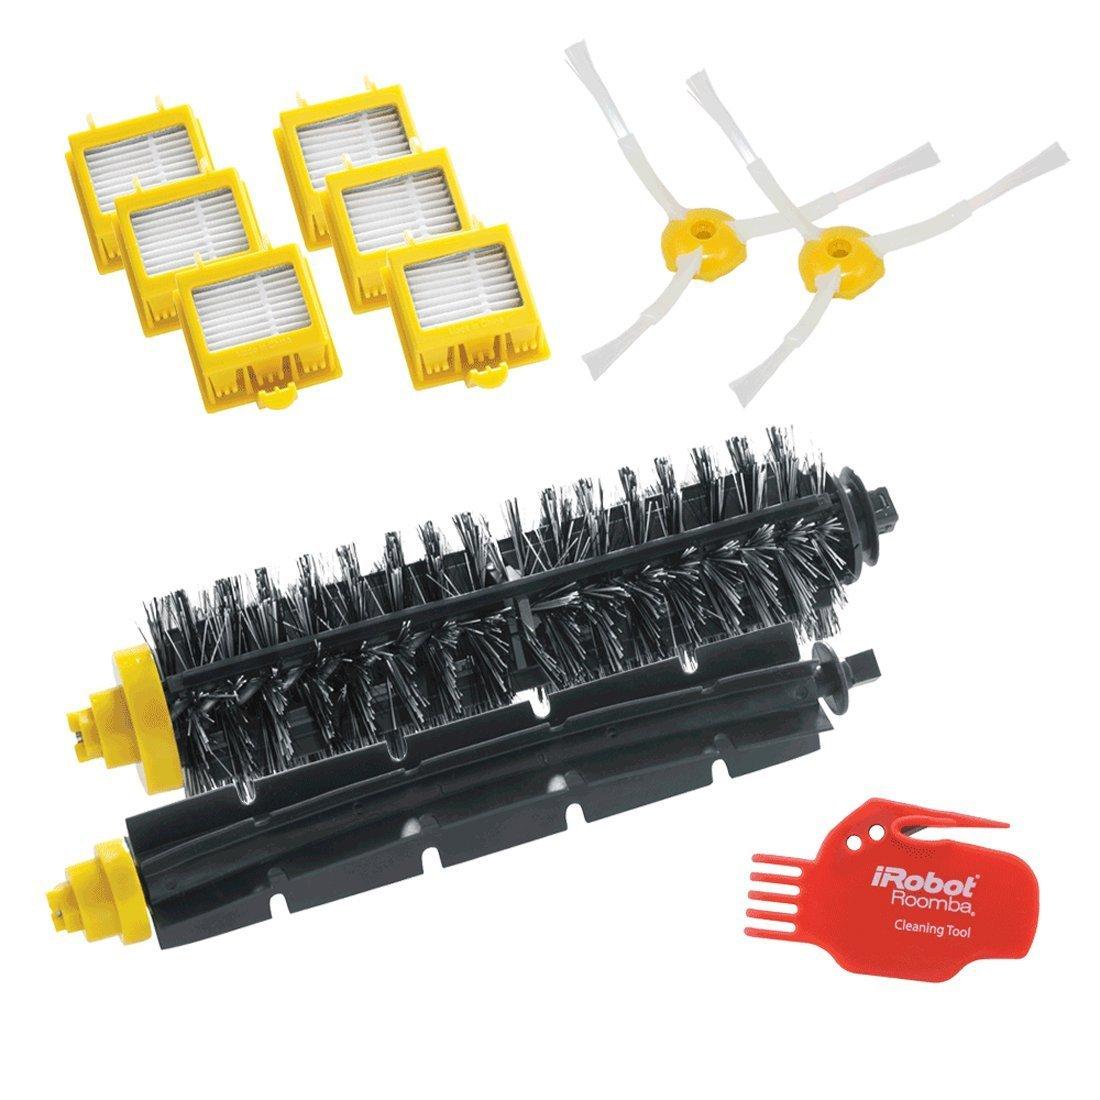 iRobot 4503462 Robot aspirador Filtro y cepillo accesorio y suministro de vacío - Accesorio para aspiradora (Robot vacuum, Filtro y cepillo, Negro, Rojo, ...